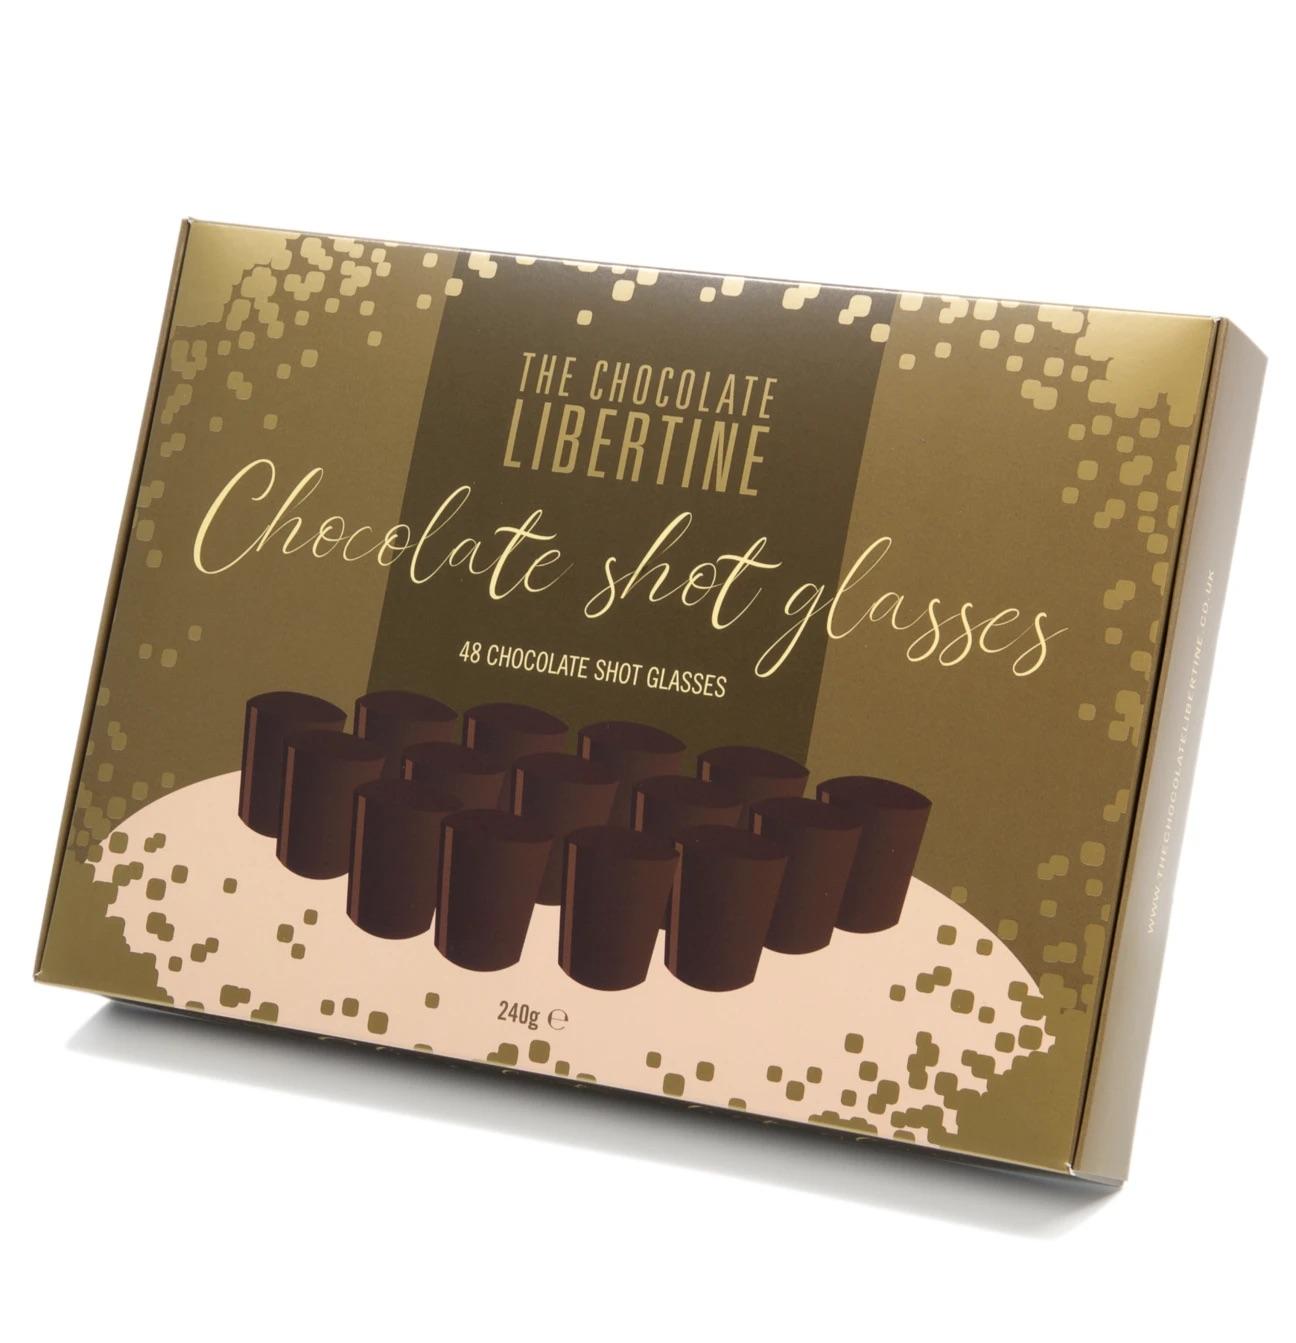 The Chocolate Libertine - Dark Chocolate Shot Glasses